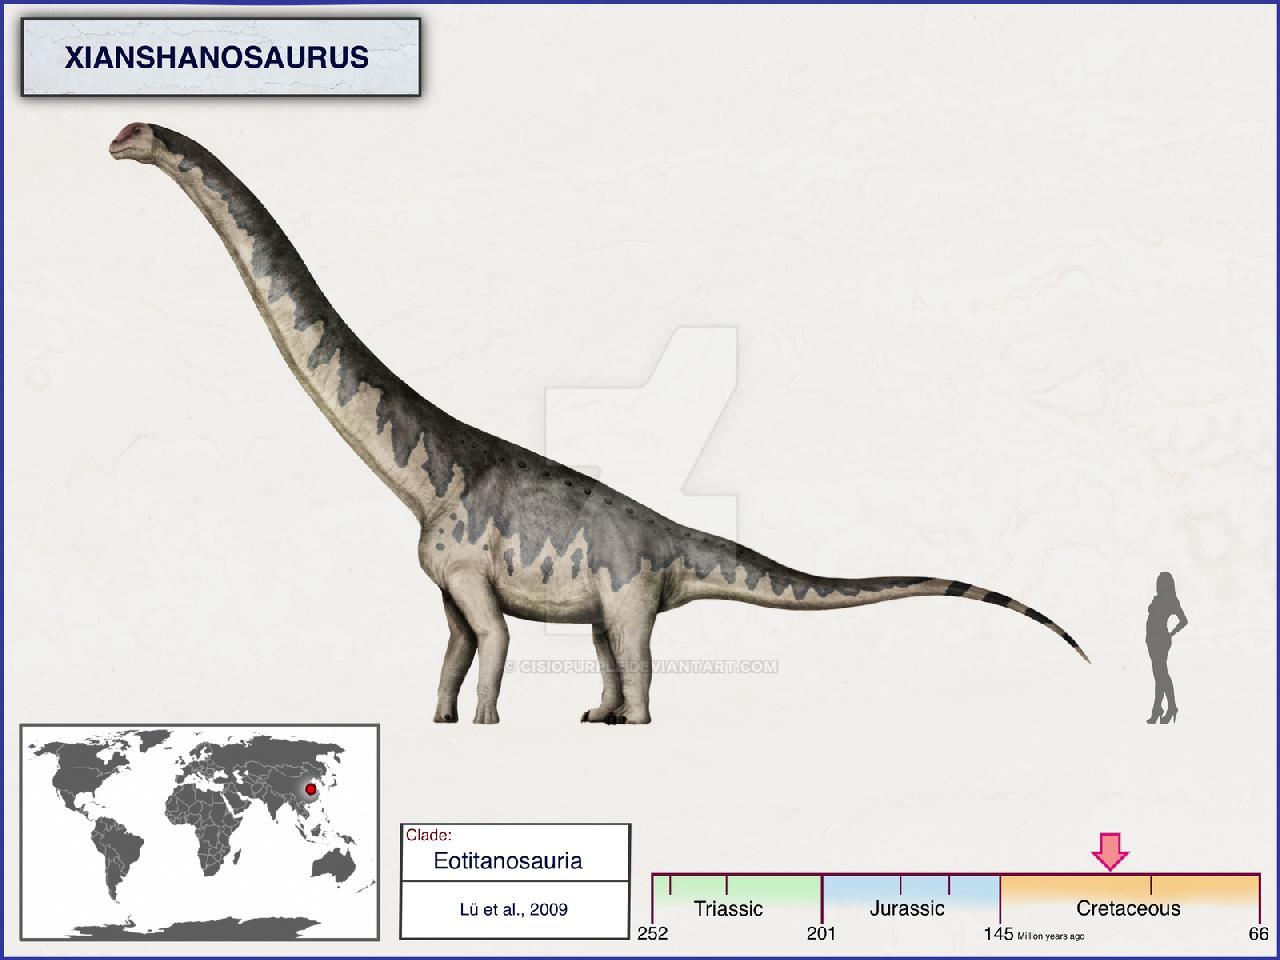 Xianshanosaurus